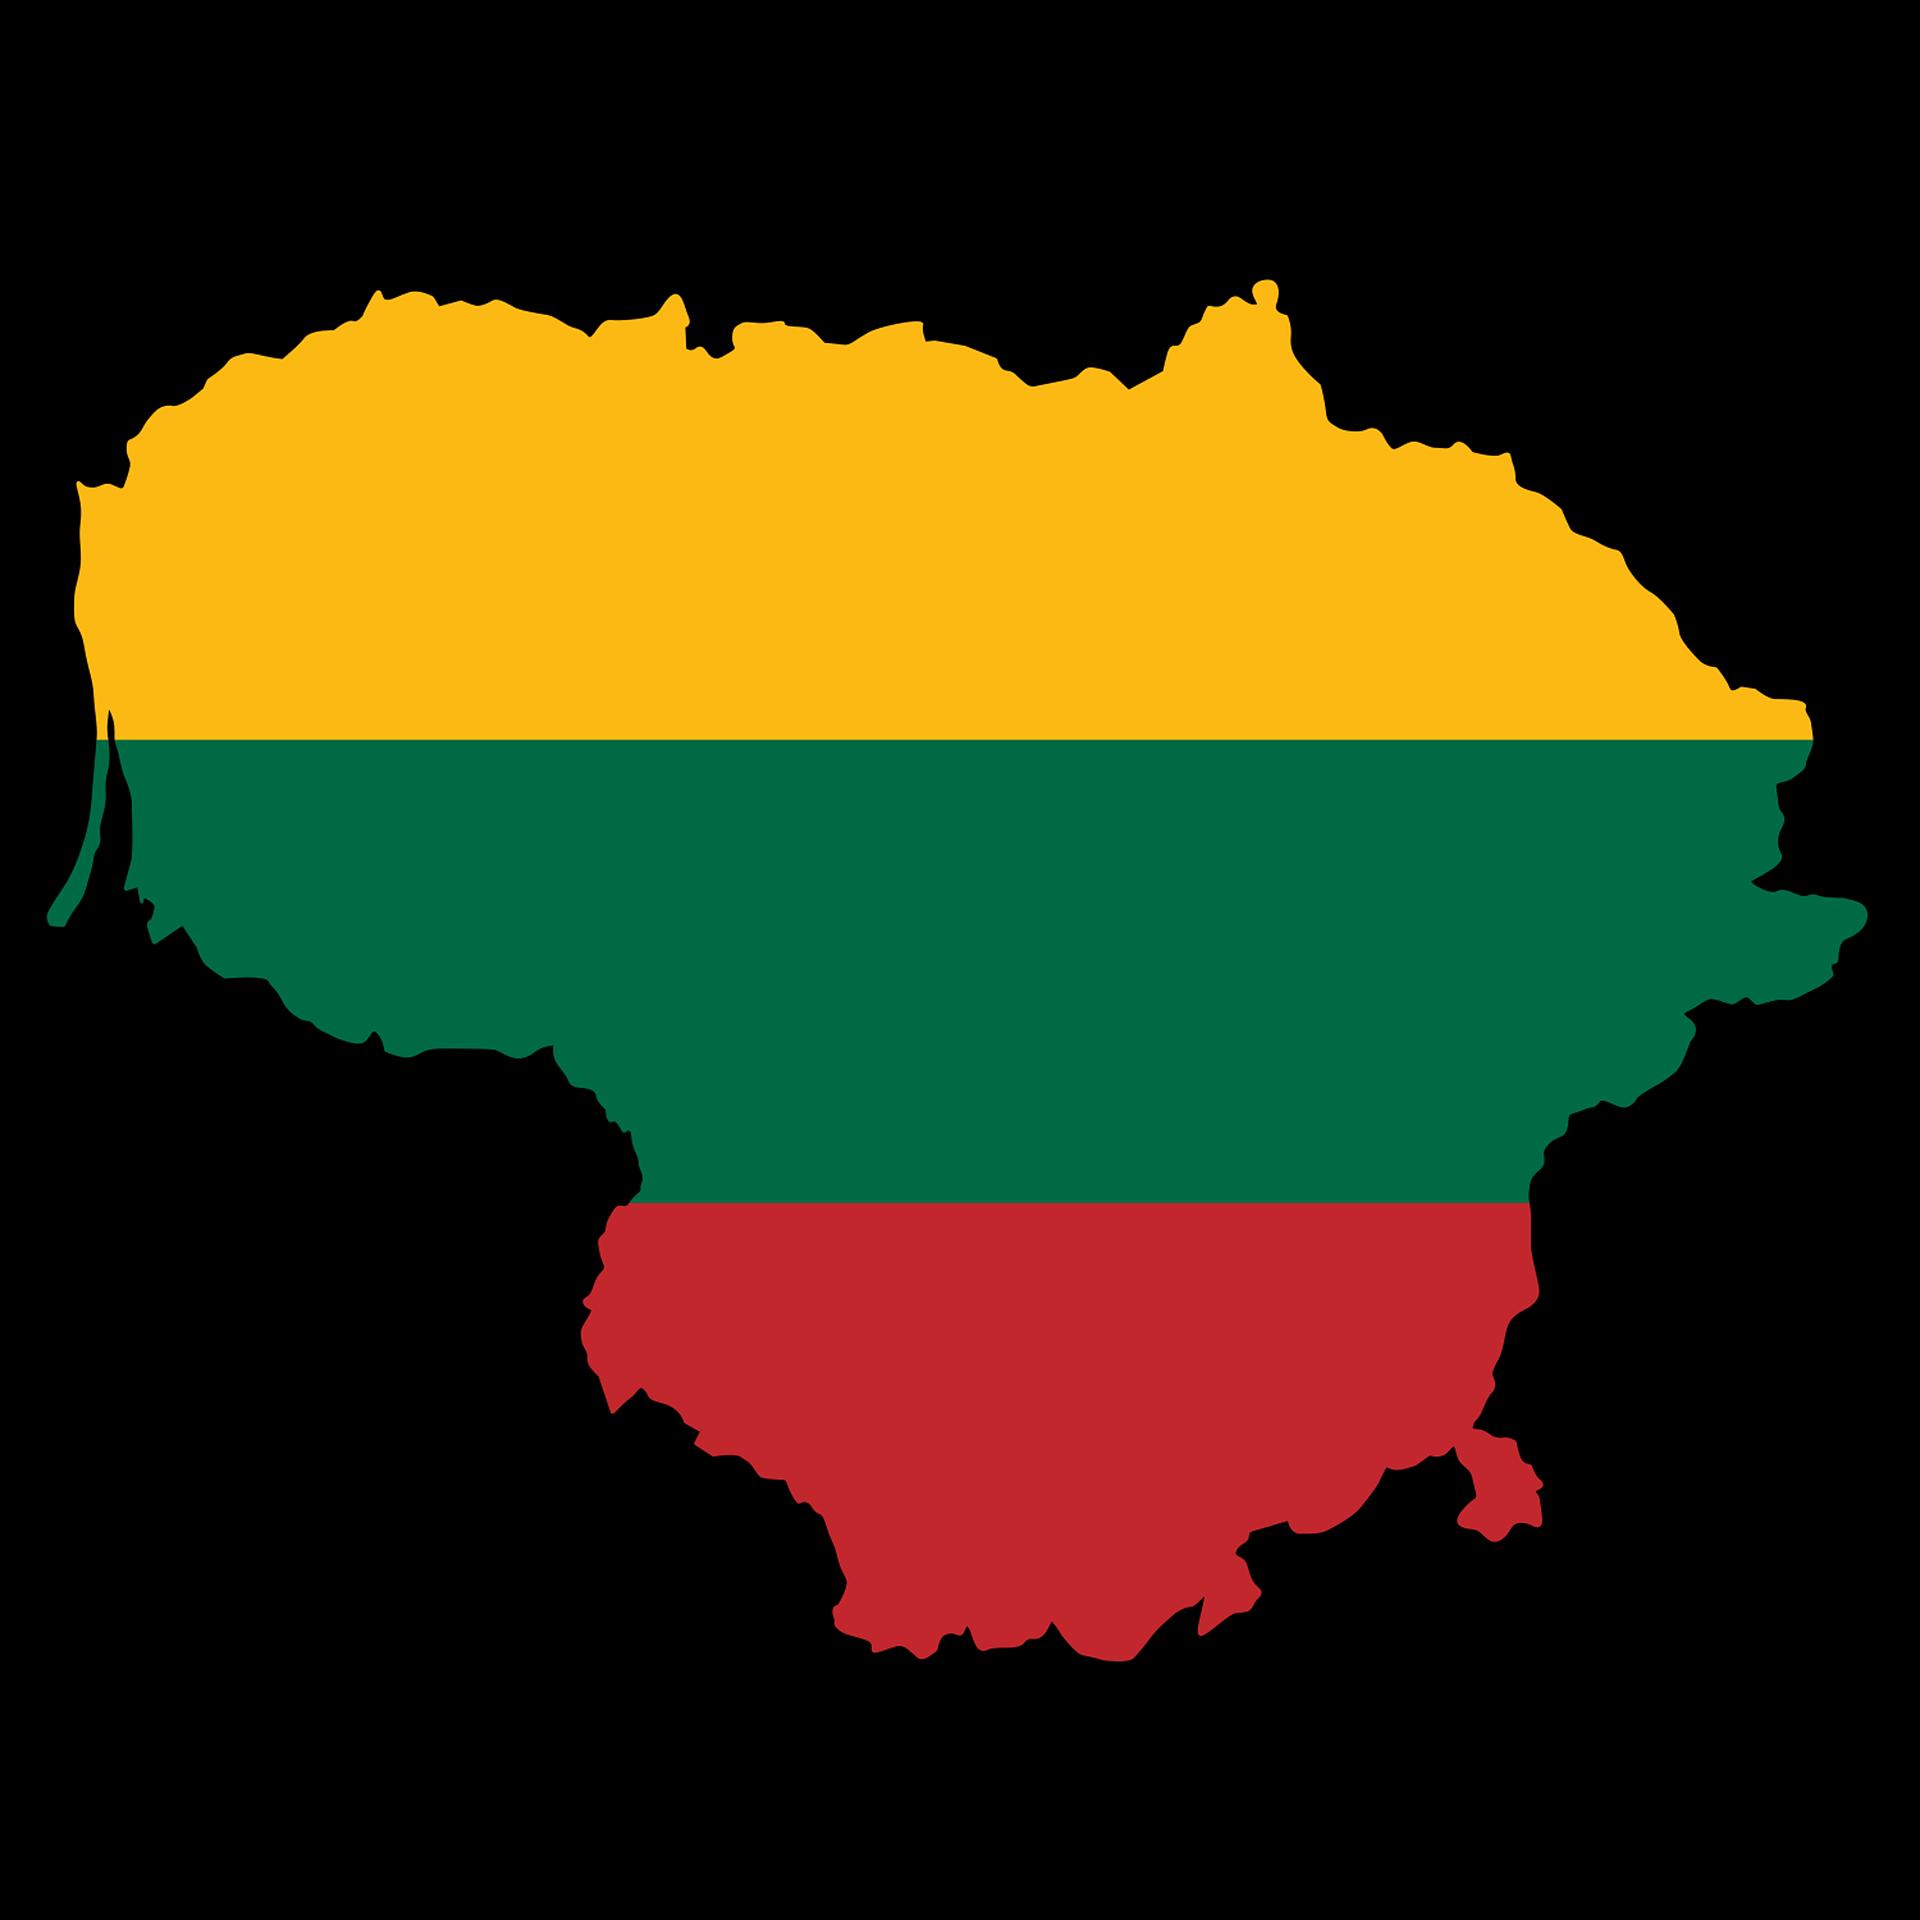 Lithuania 1489716 1920